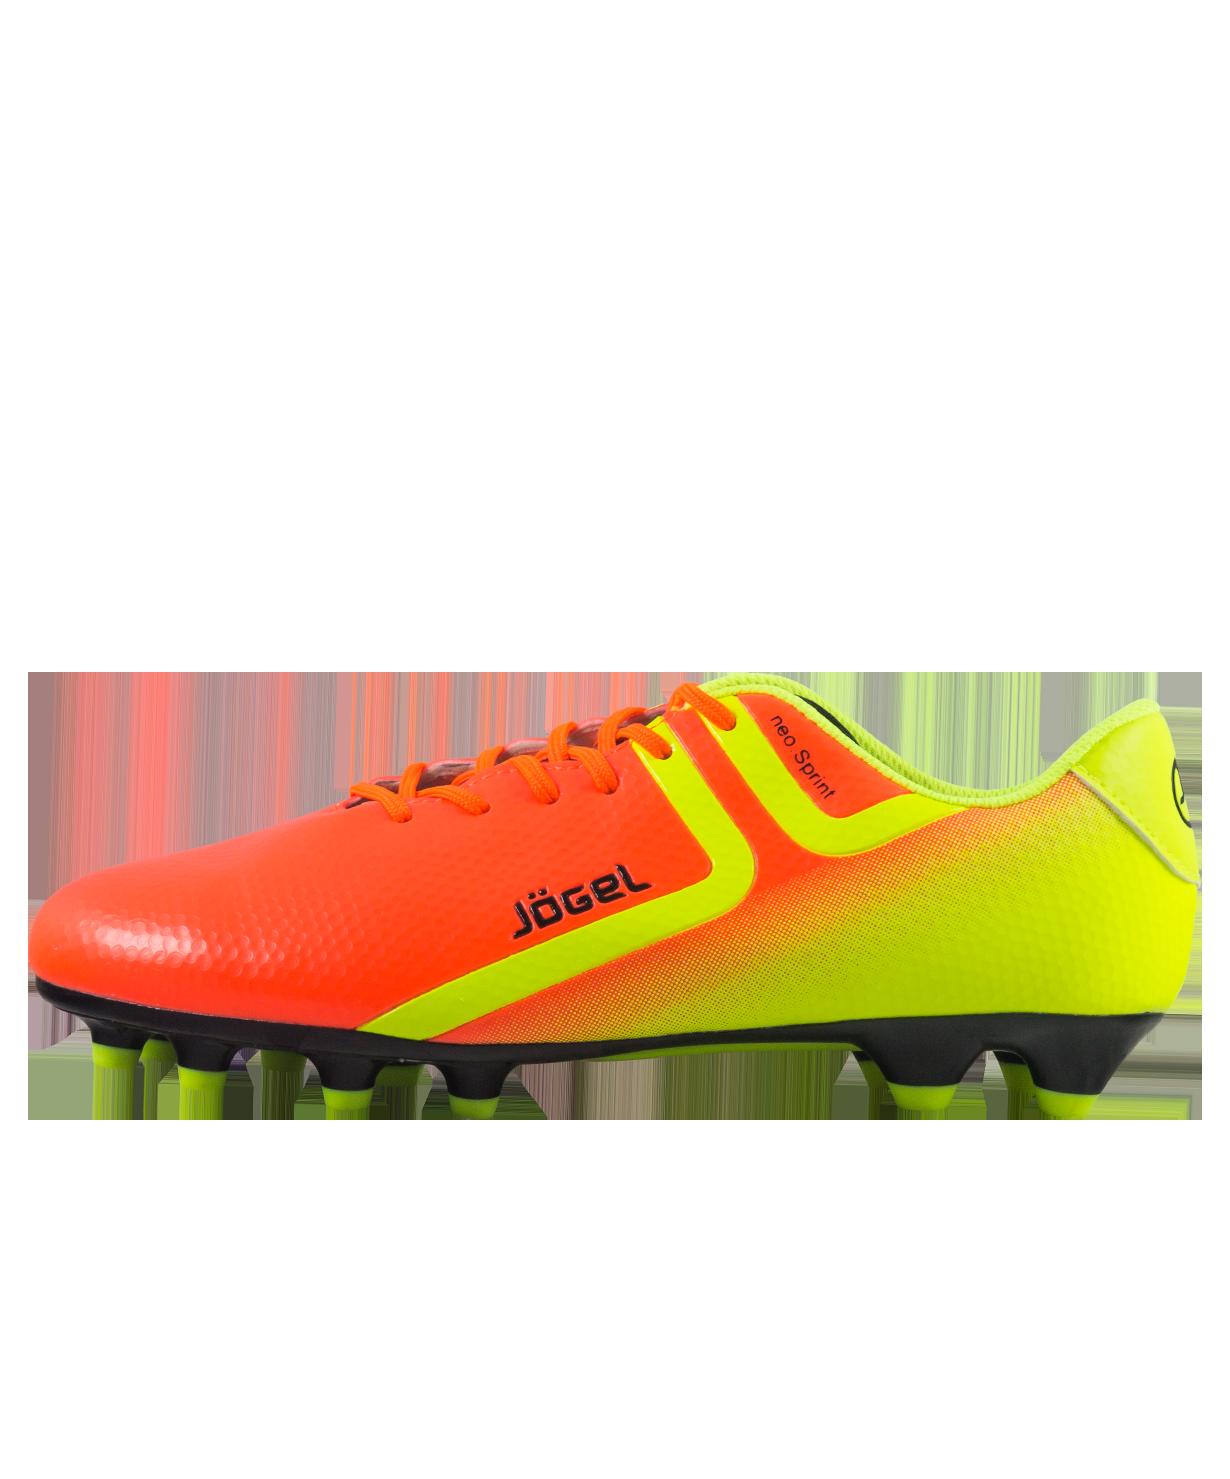 Бутсы футбольные Rapido JSH1001, оранжевый ― купить в Москве. Цена ... 22c093f0bf6